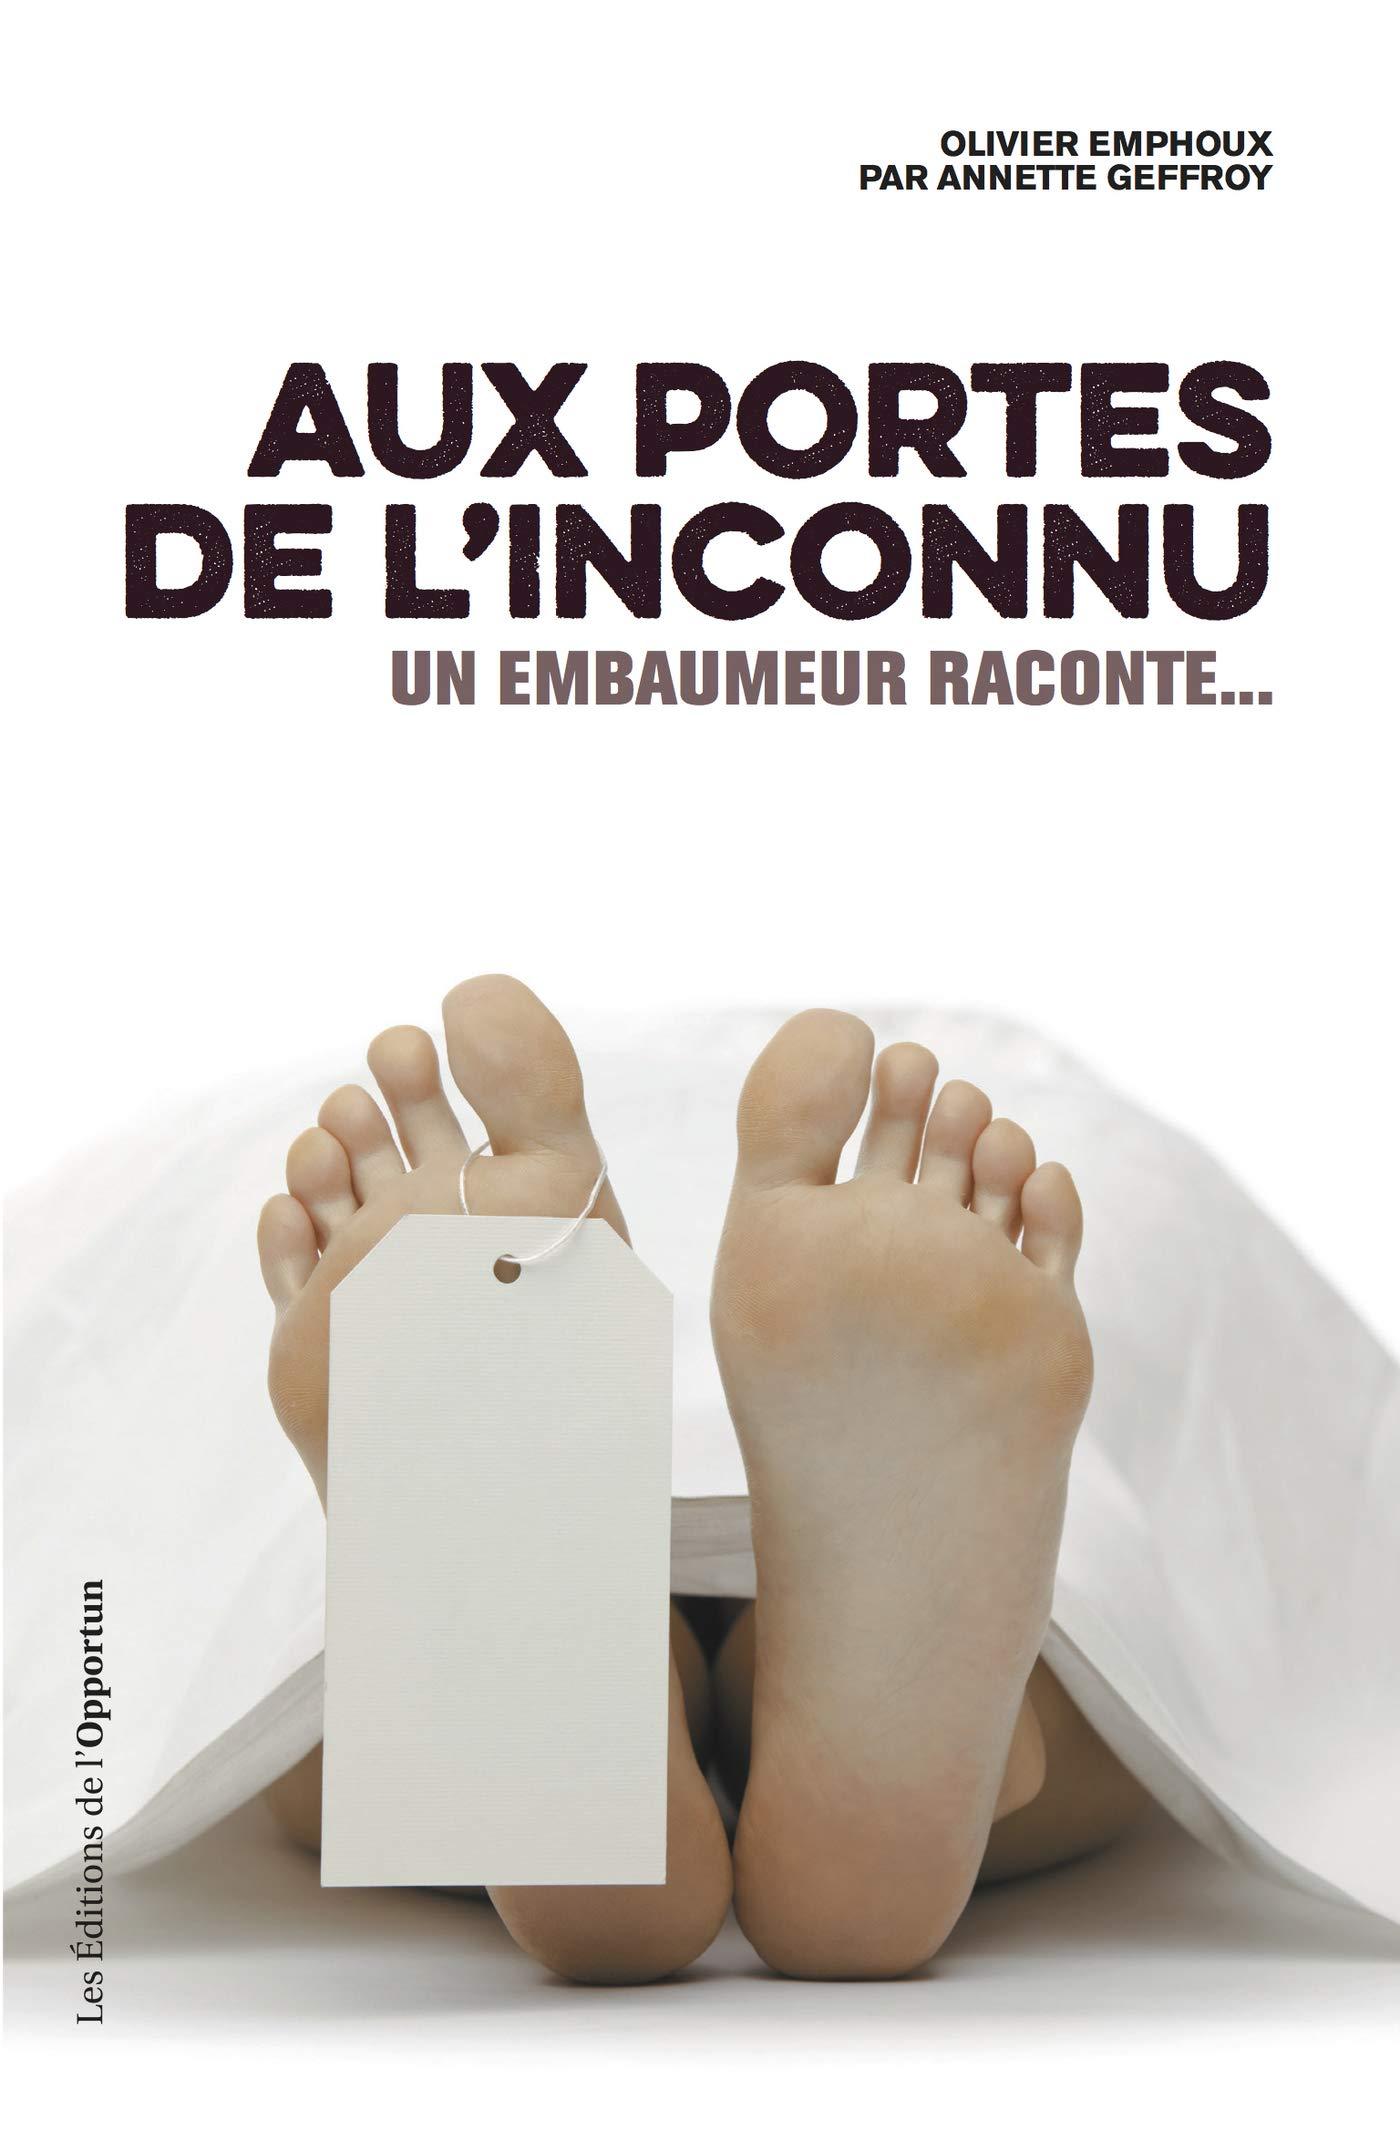 Aux portes de l'inconnu - Un embaumeur raconte: Un embaumeur raconte… (HORS COLL) por Olivier Emphoux